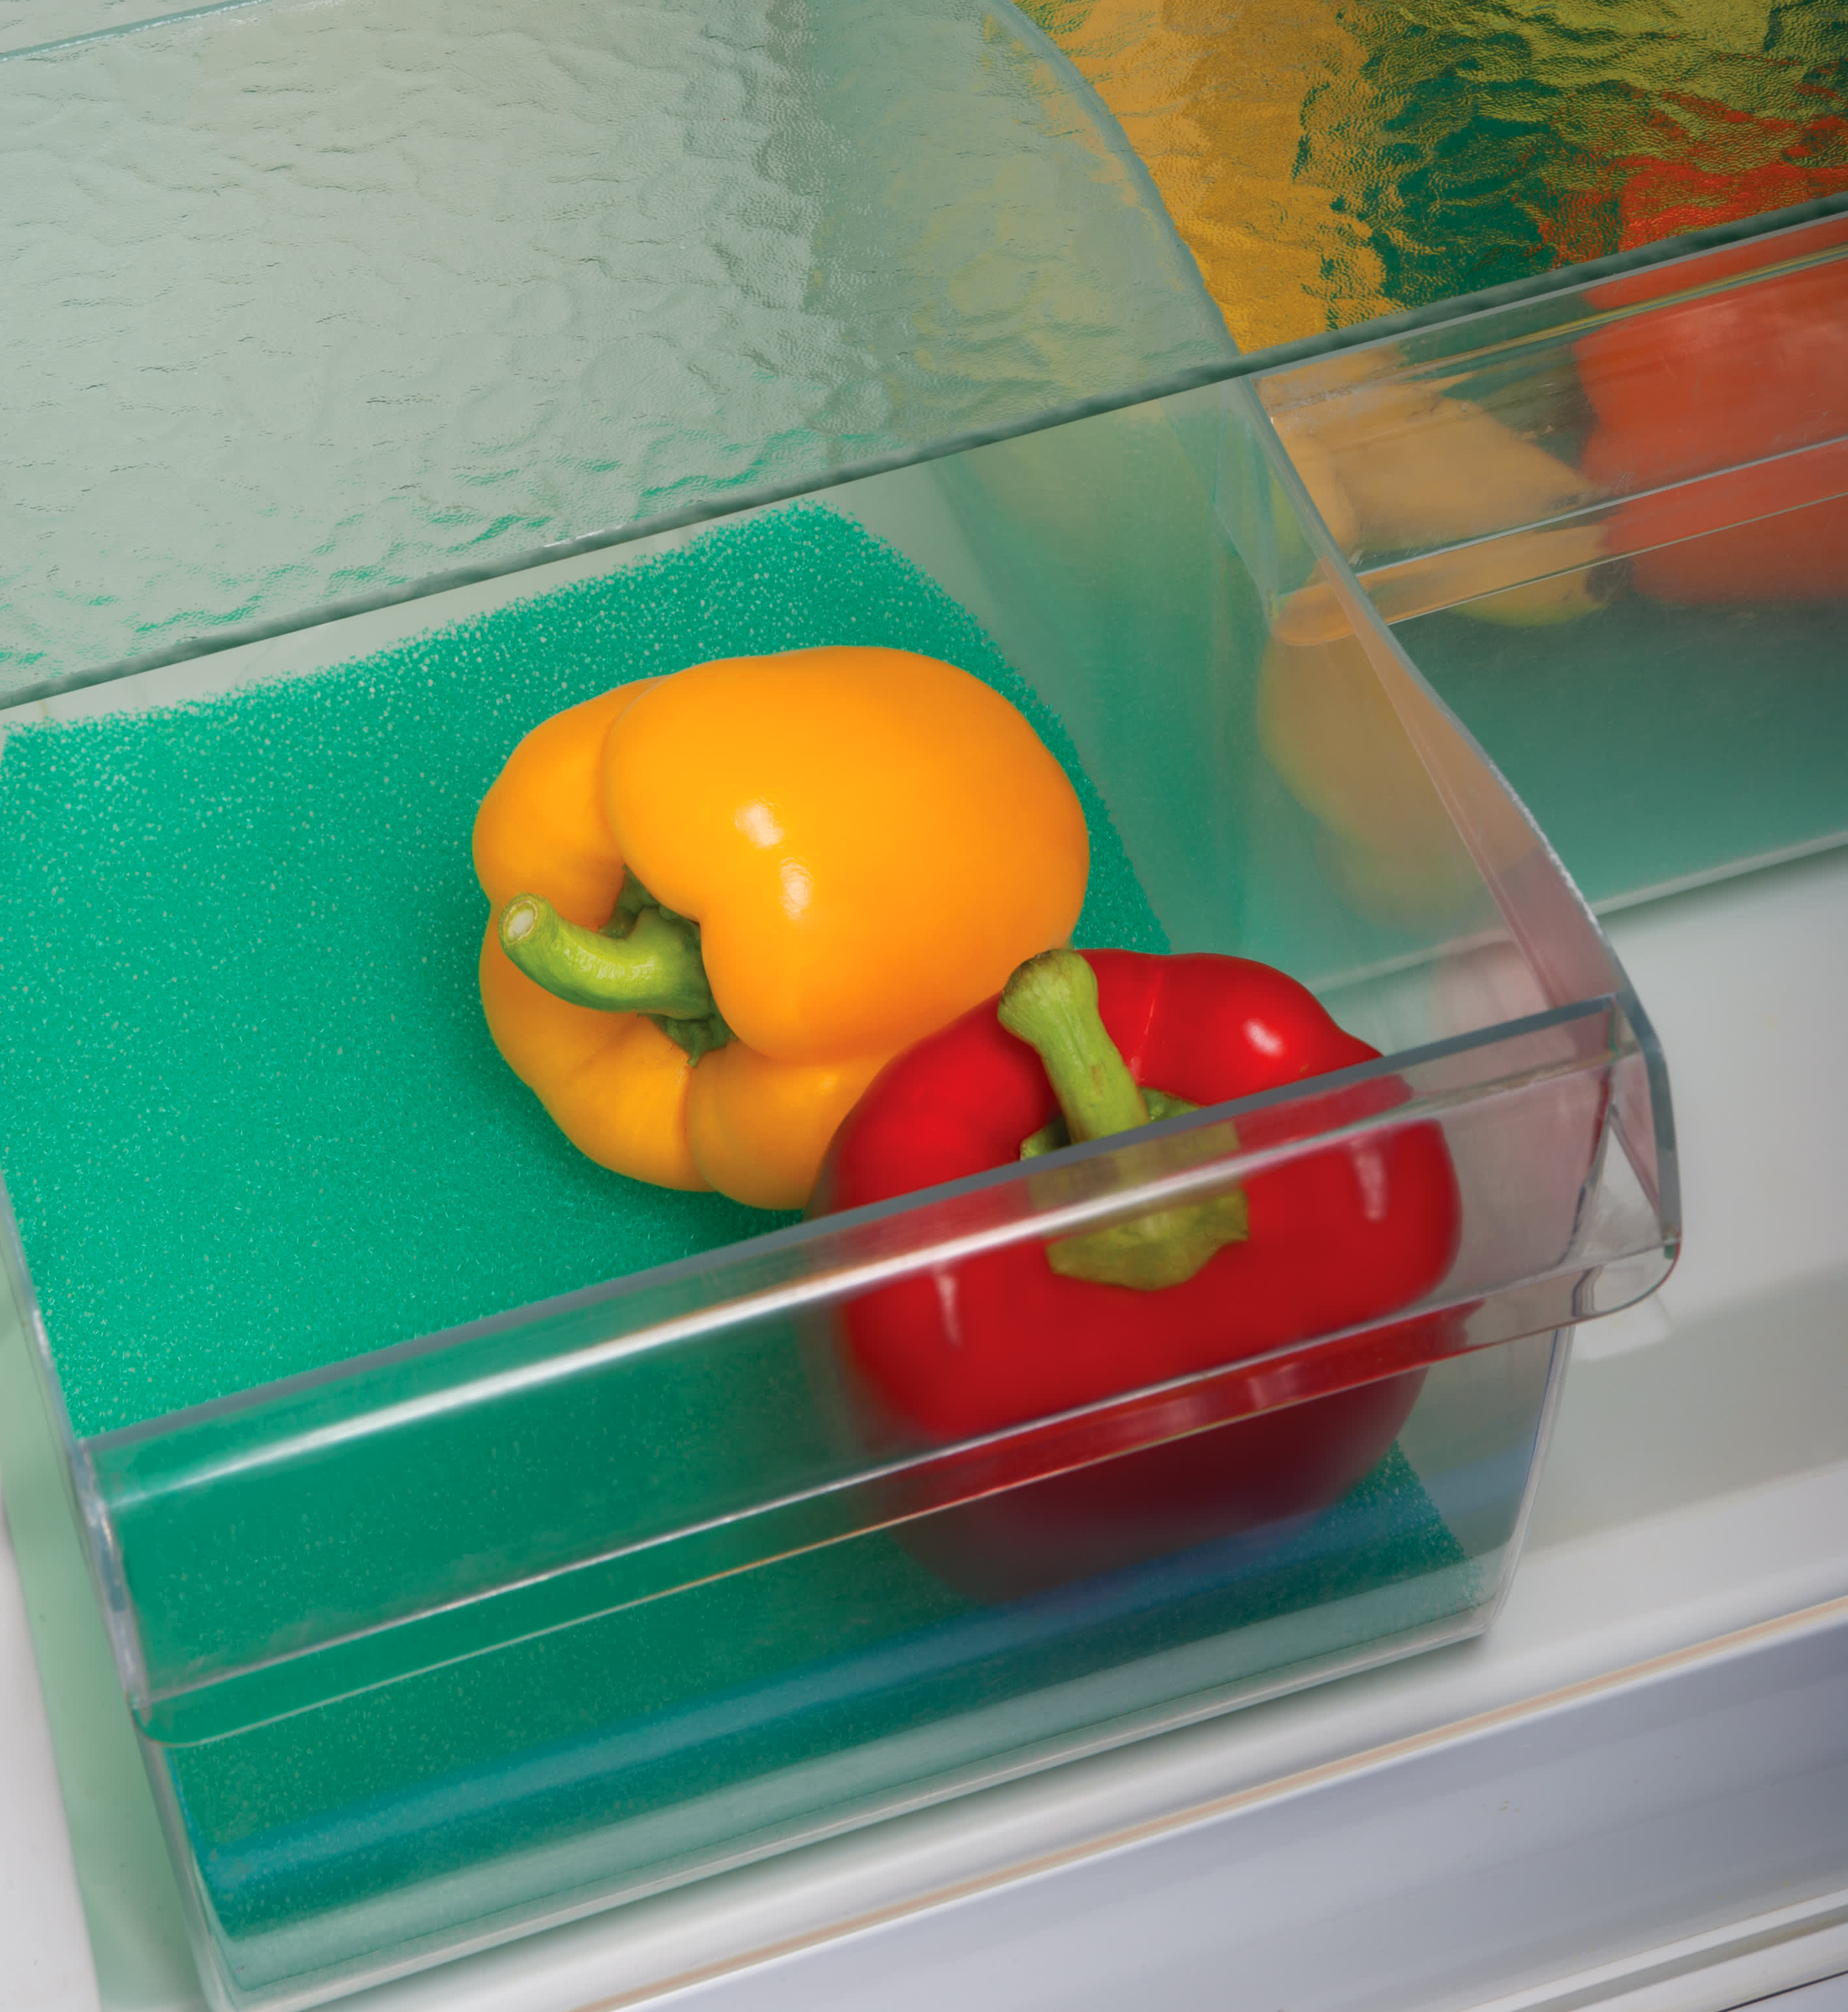 Grønnsaker kan fort glemmes i grønnsaksskuffen i kjøleskapet. Et godt tips er derfor ikke å kjøpe mer enn man planlegger å spise.